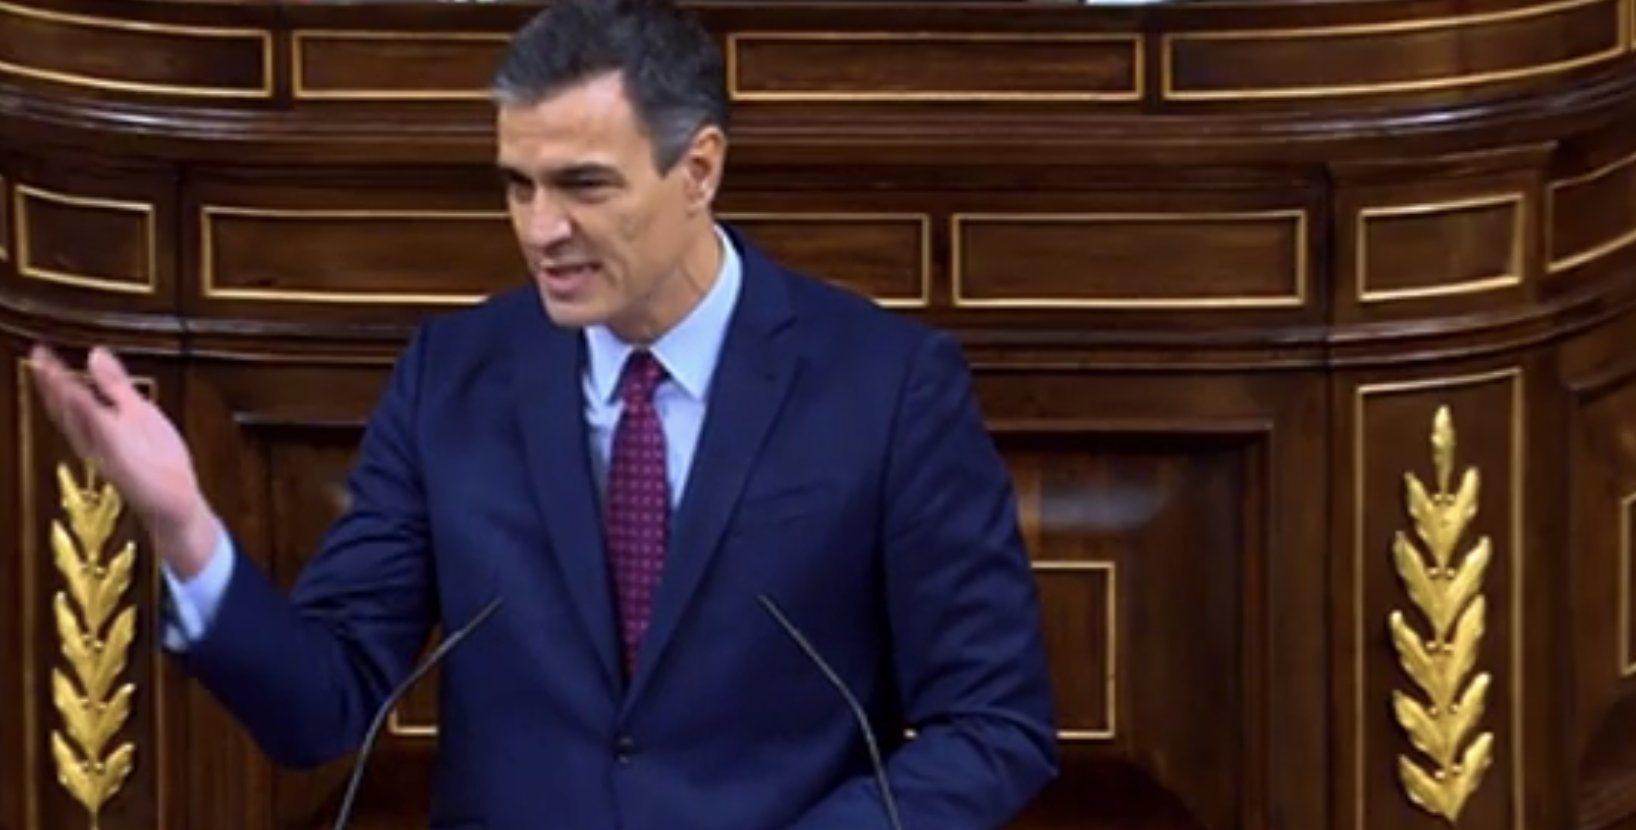 Sánchez: 'Señor Abascal, asuma la realidad, usted no es Blas de Lezo ni Hernán Cortés. Lo lamento, no es el salvador de España'. 'Lo único que ...